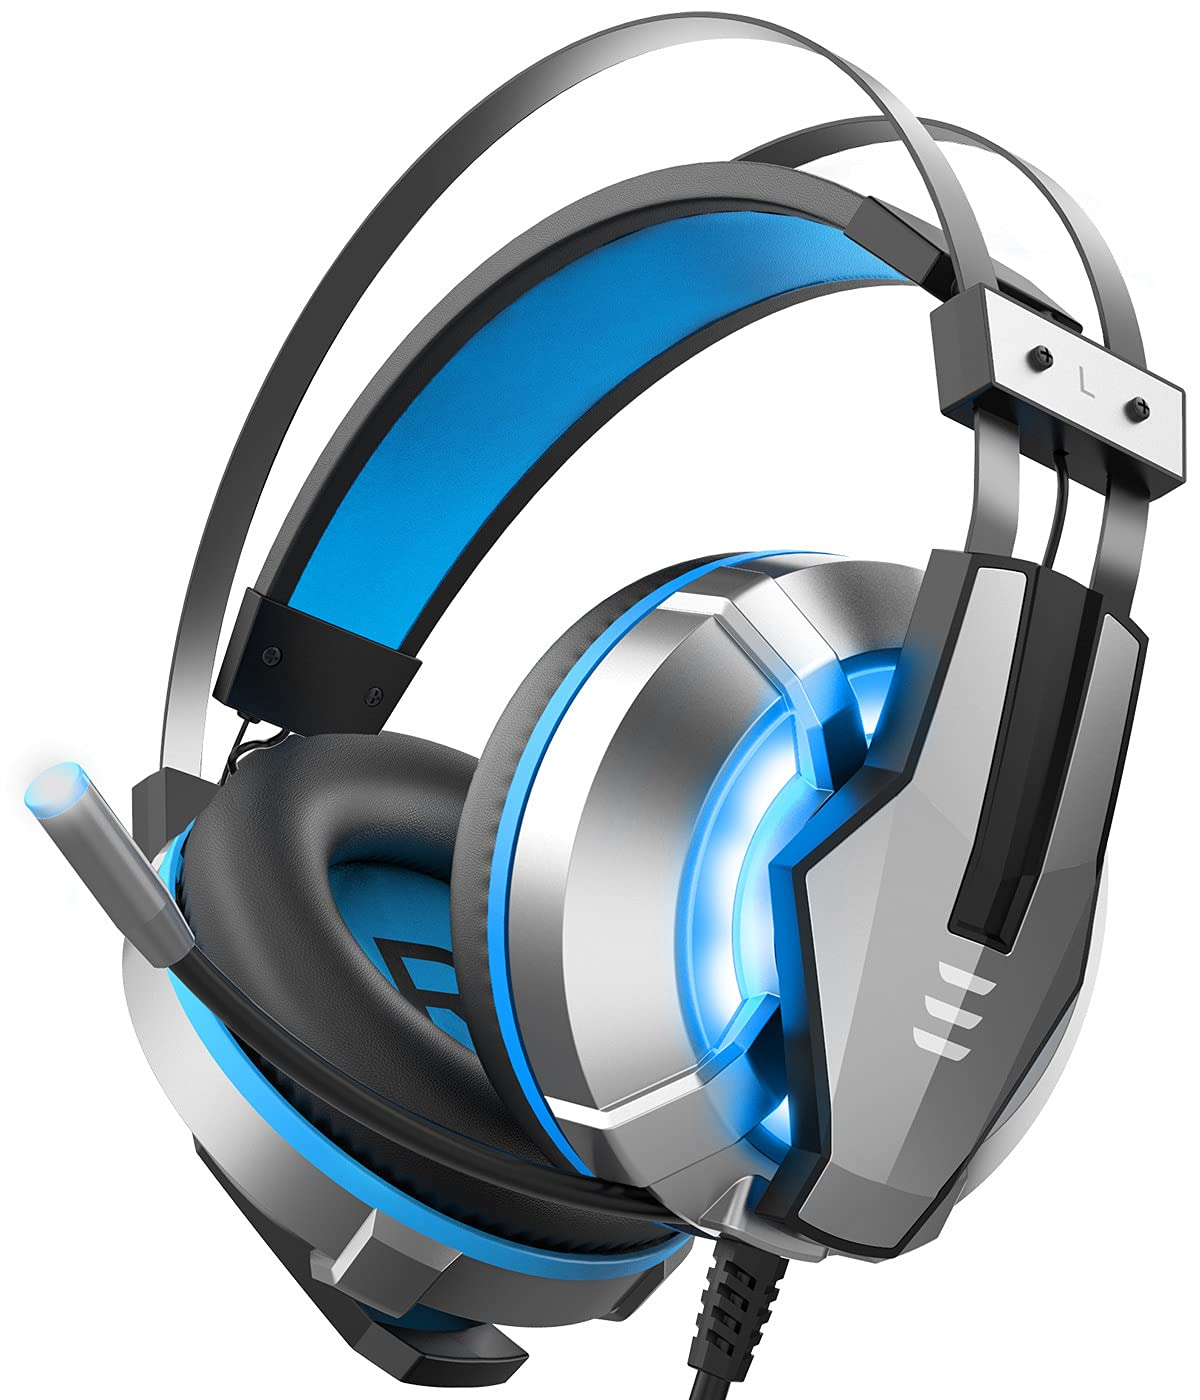 EKSA Stereo Gaming Headset (Blue)